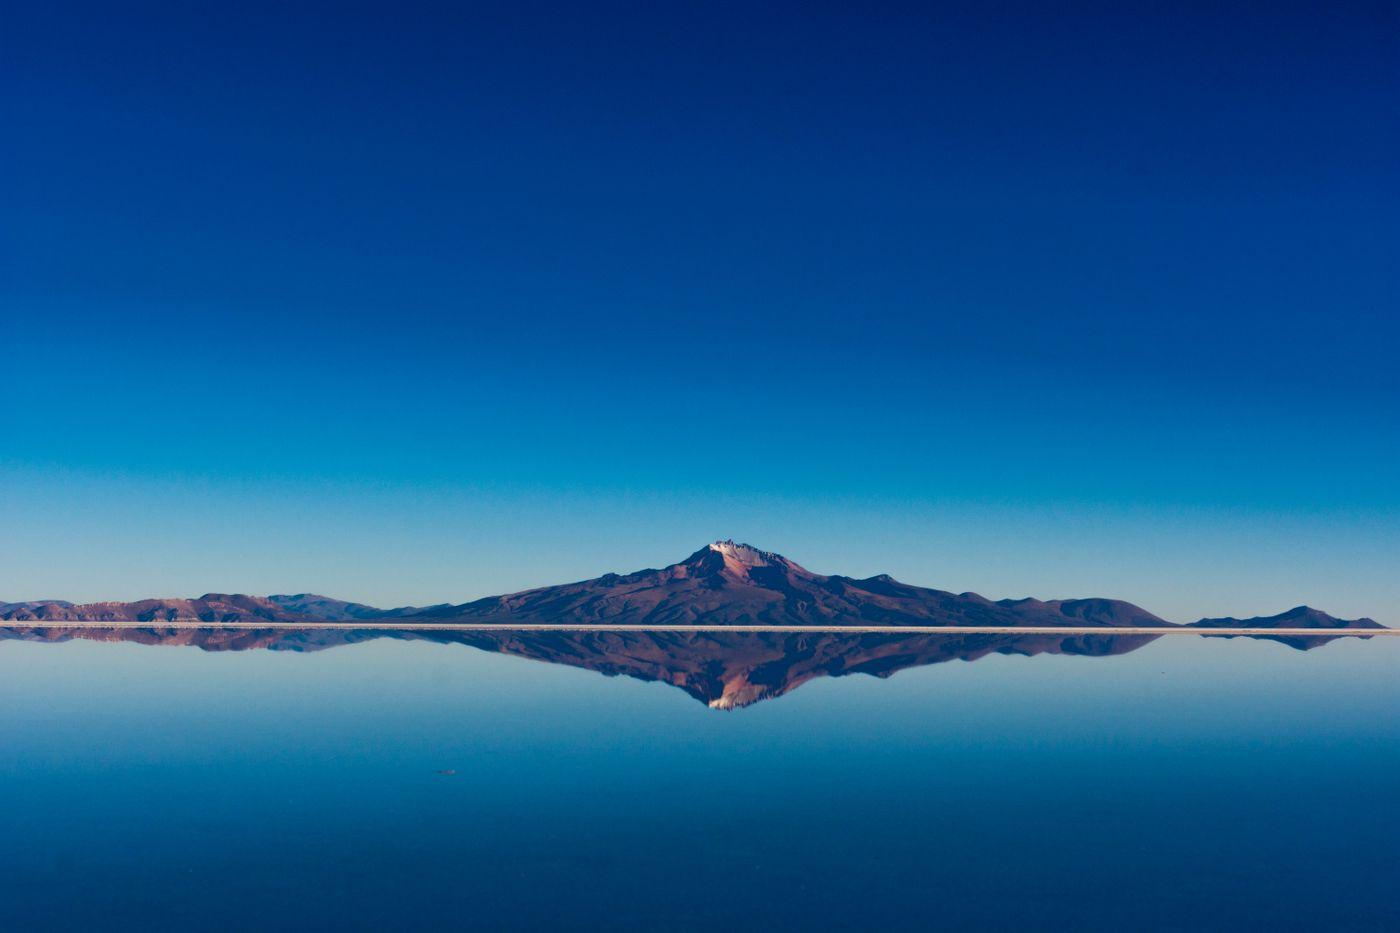 鏡張りの山(ウユニ塩湖)の写真